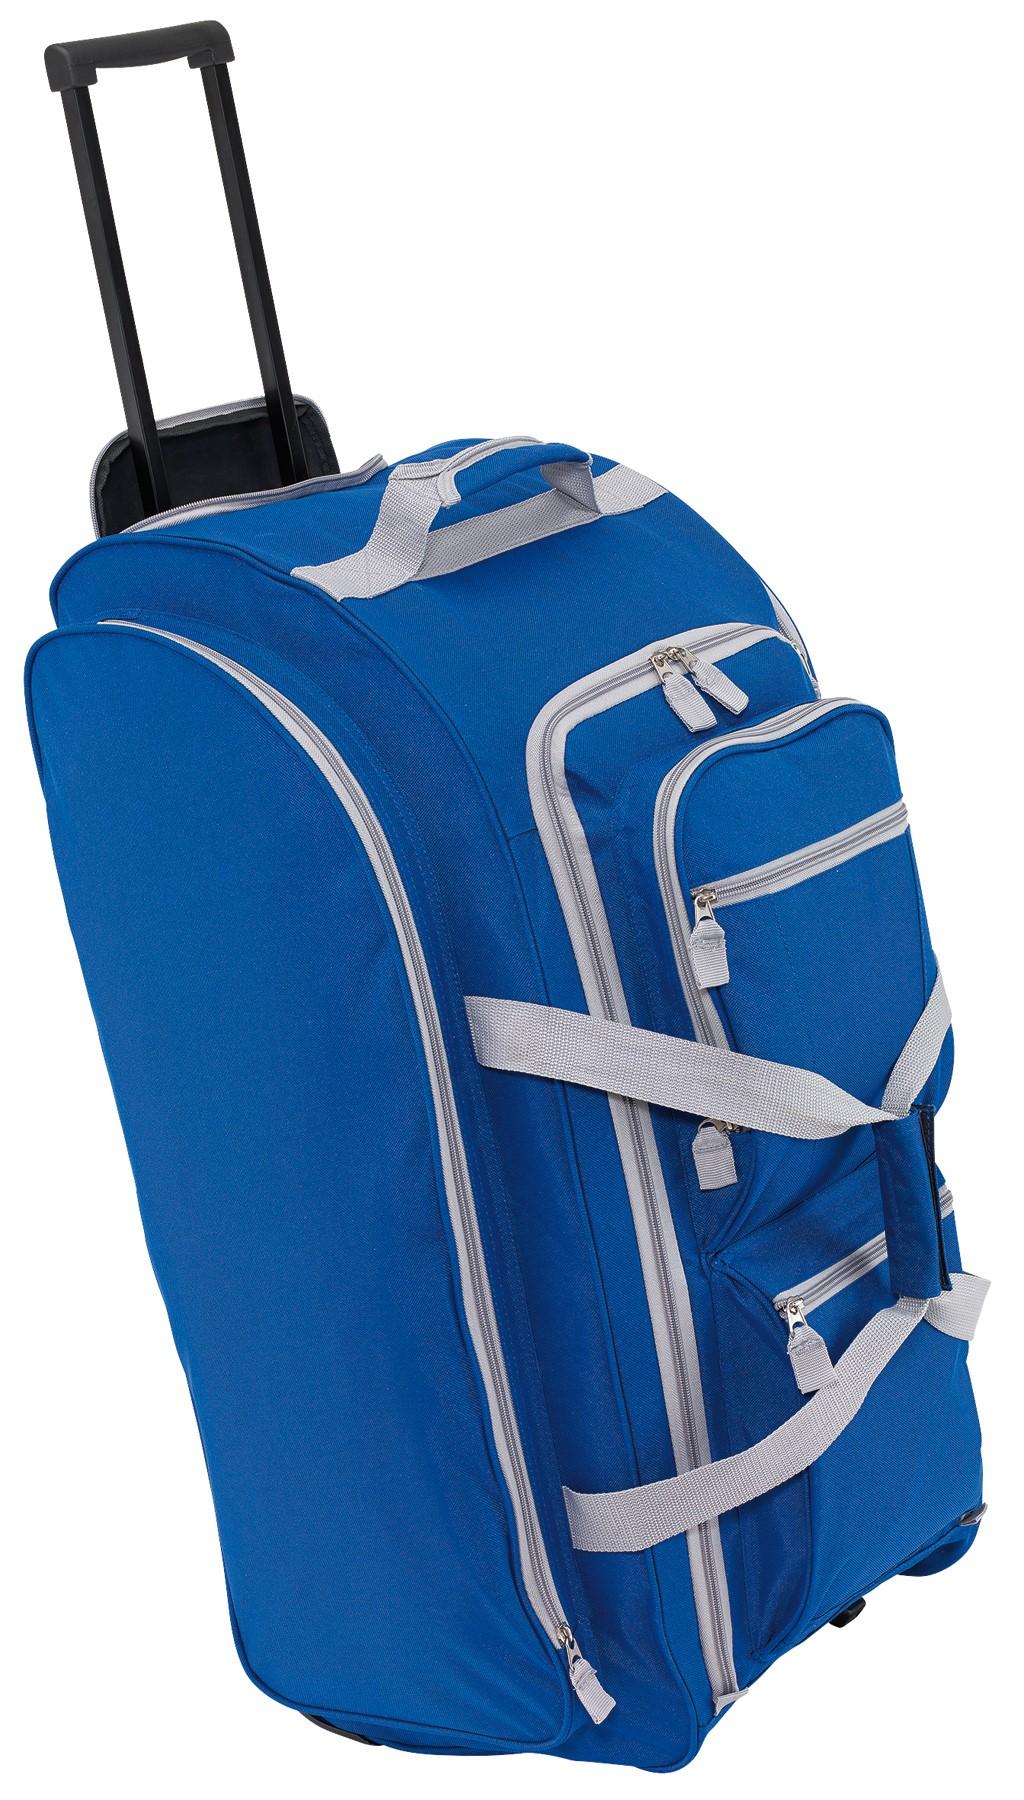 6c815be19dc3 9P gurulós utazó táska, kék-szürke